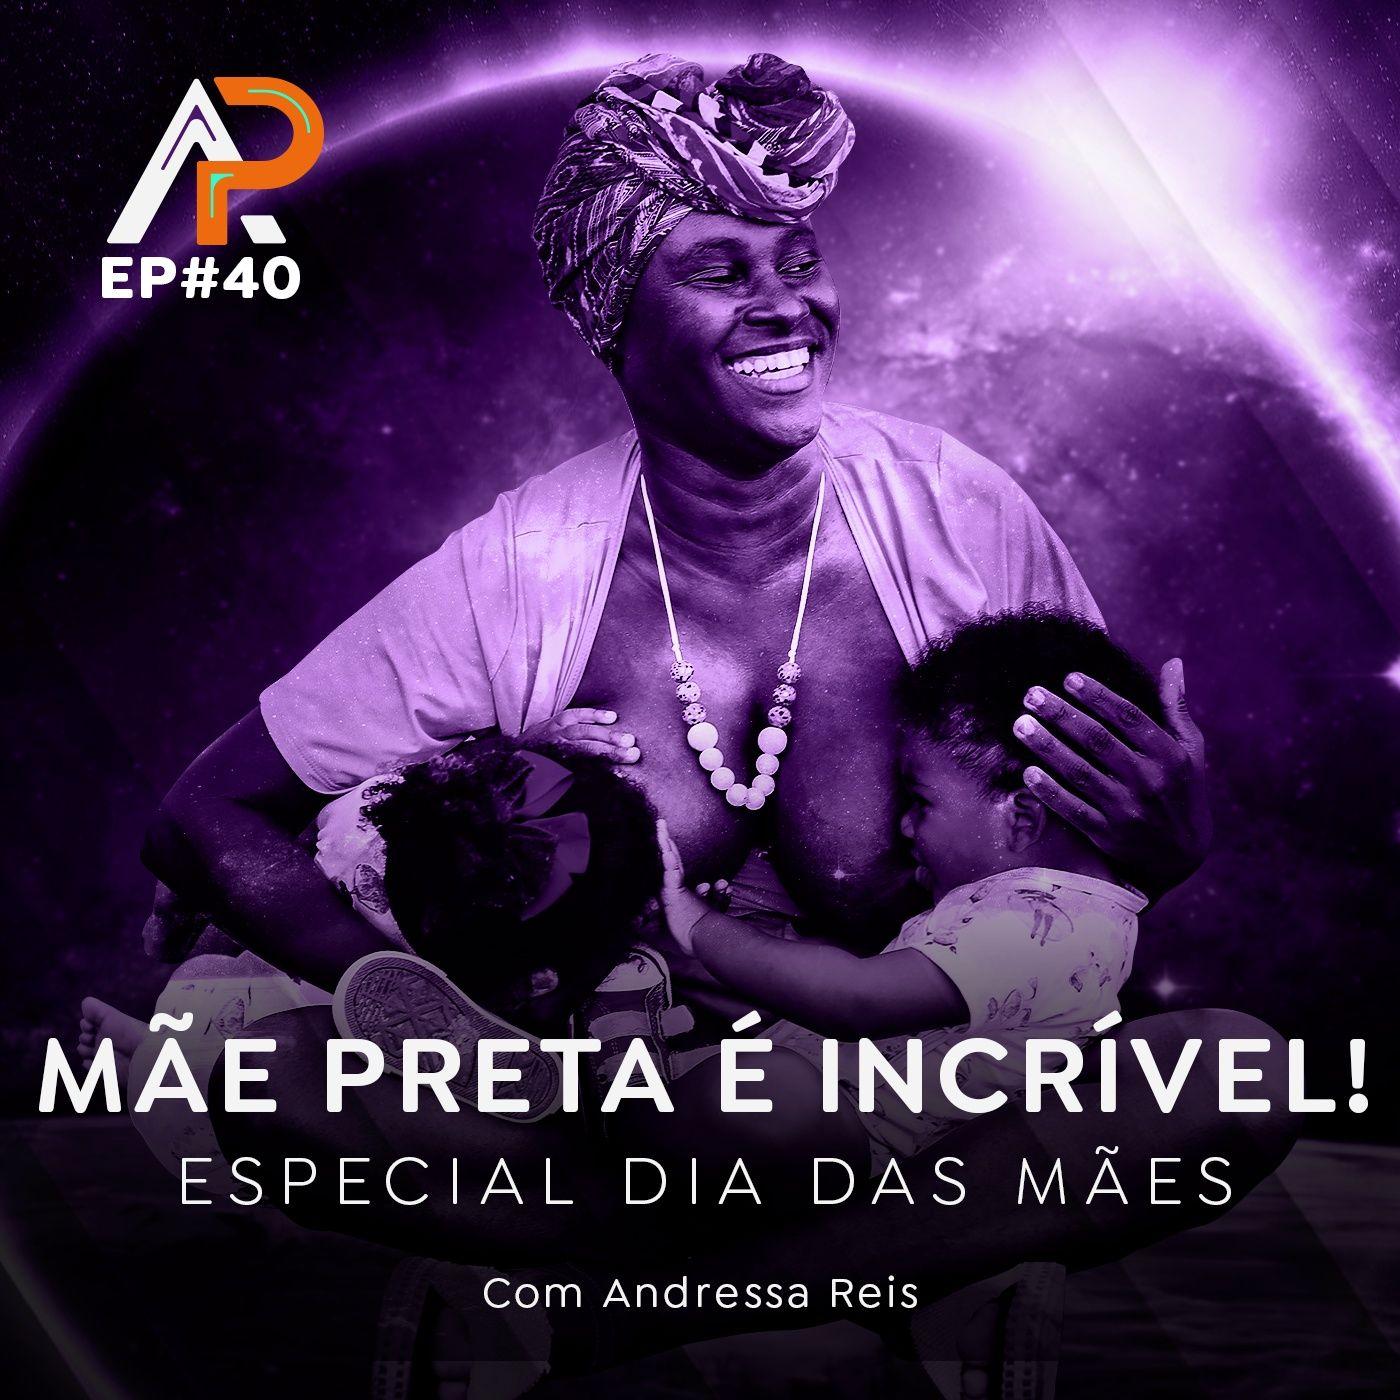 040 -  Mãe preta incrível com Andressa Reis